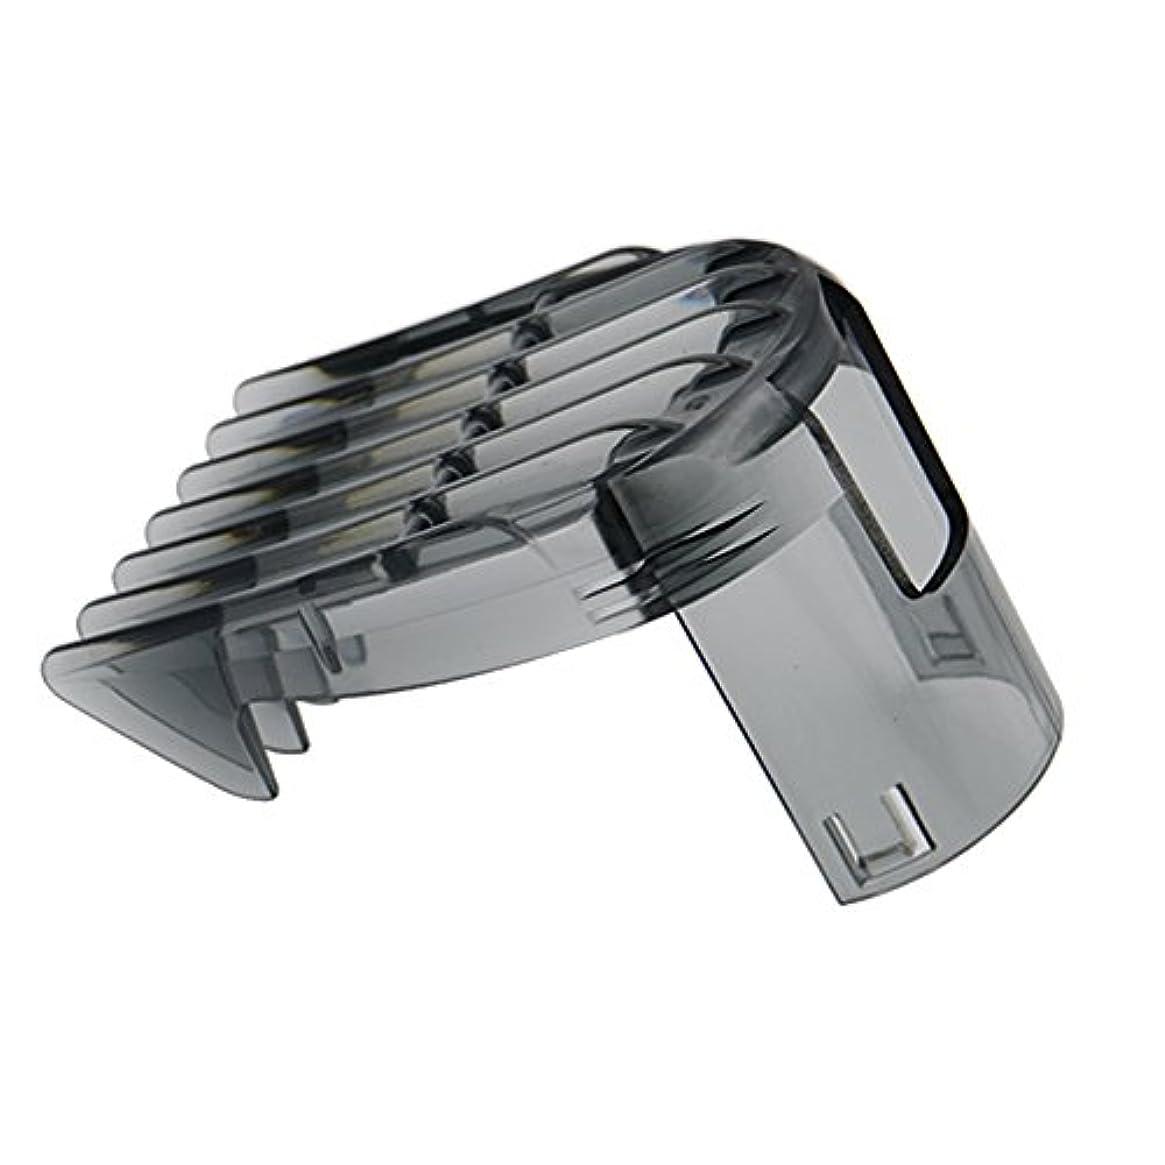 バッテリー現代レイプ電動バリカン 交換部品 適用 フィリップス バリカン QC5510 QC5530 QC5550 QC5560 QC5570 QC5580のための3-15mmのバリカンのくしのアタッチメントのクリッパー 髪の櫛カット3-15...